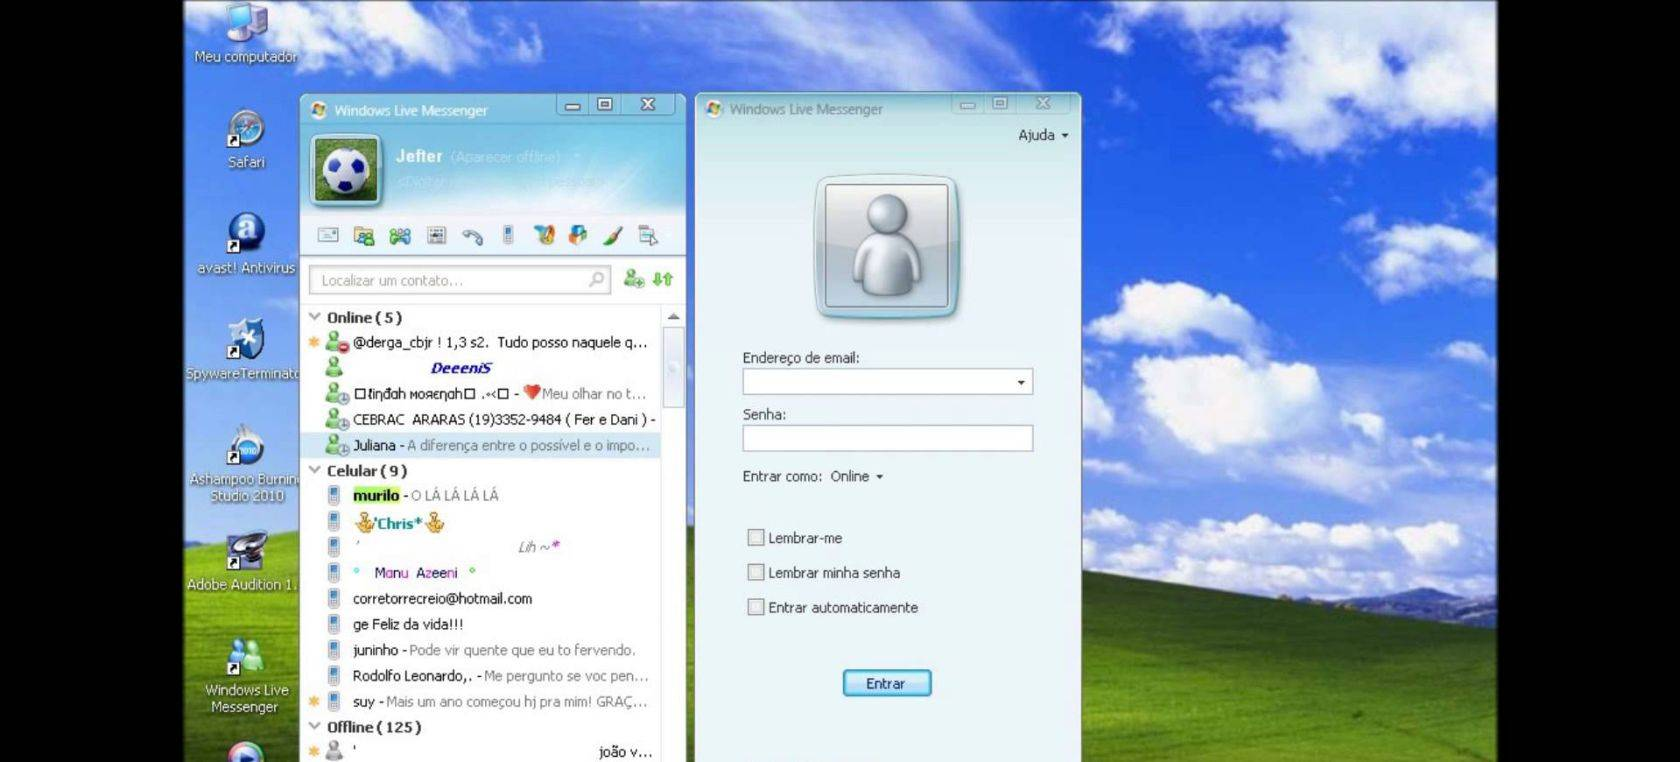 ¿Por qué desapareció el famoso MSN Messenger?